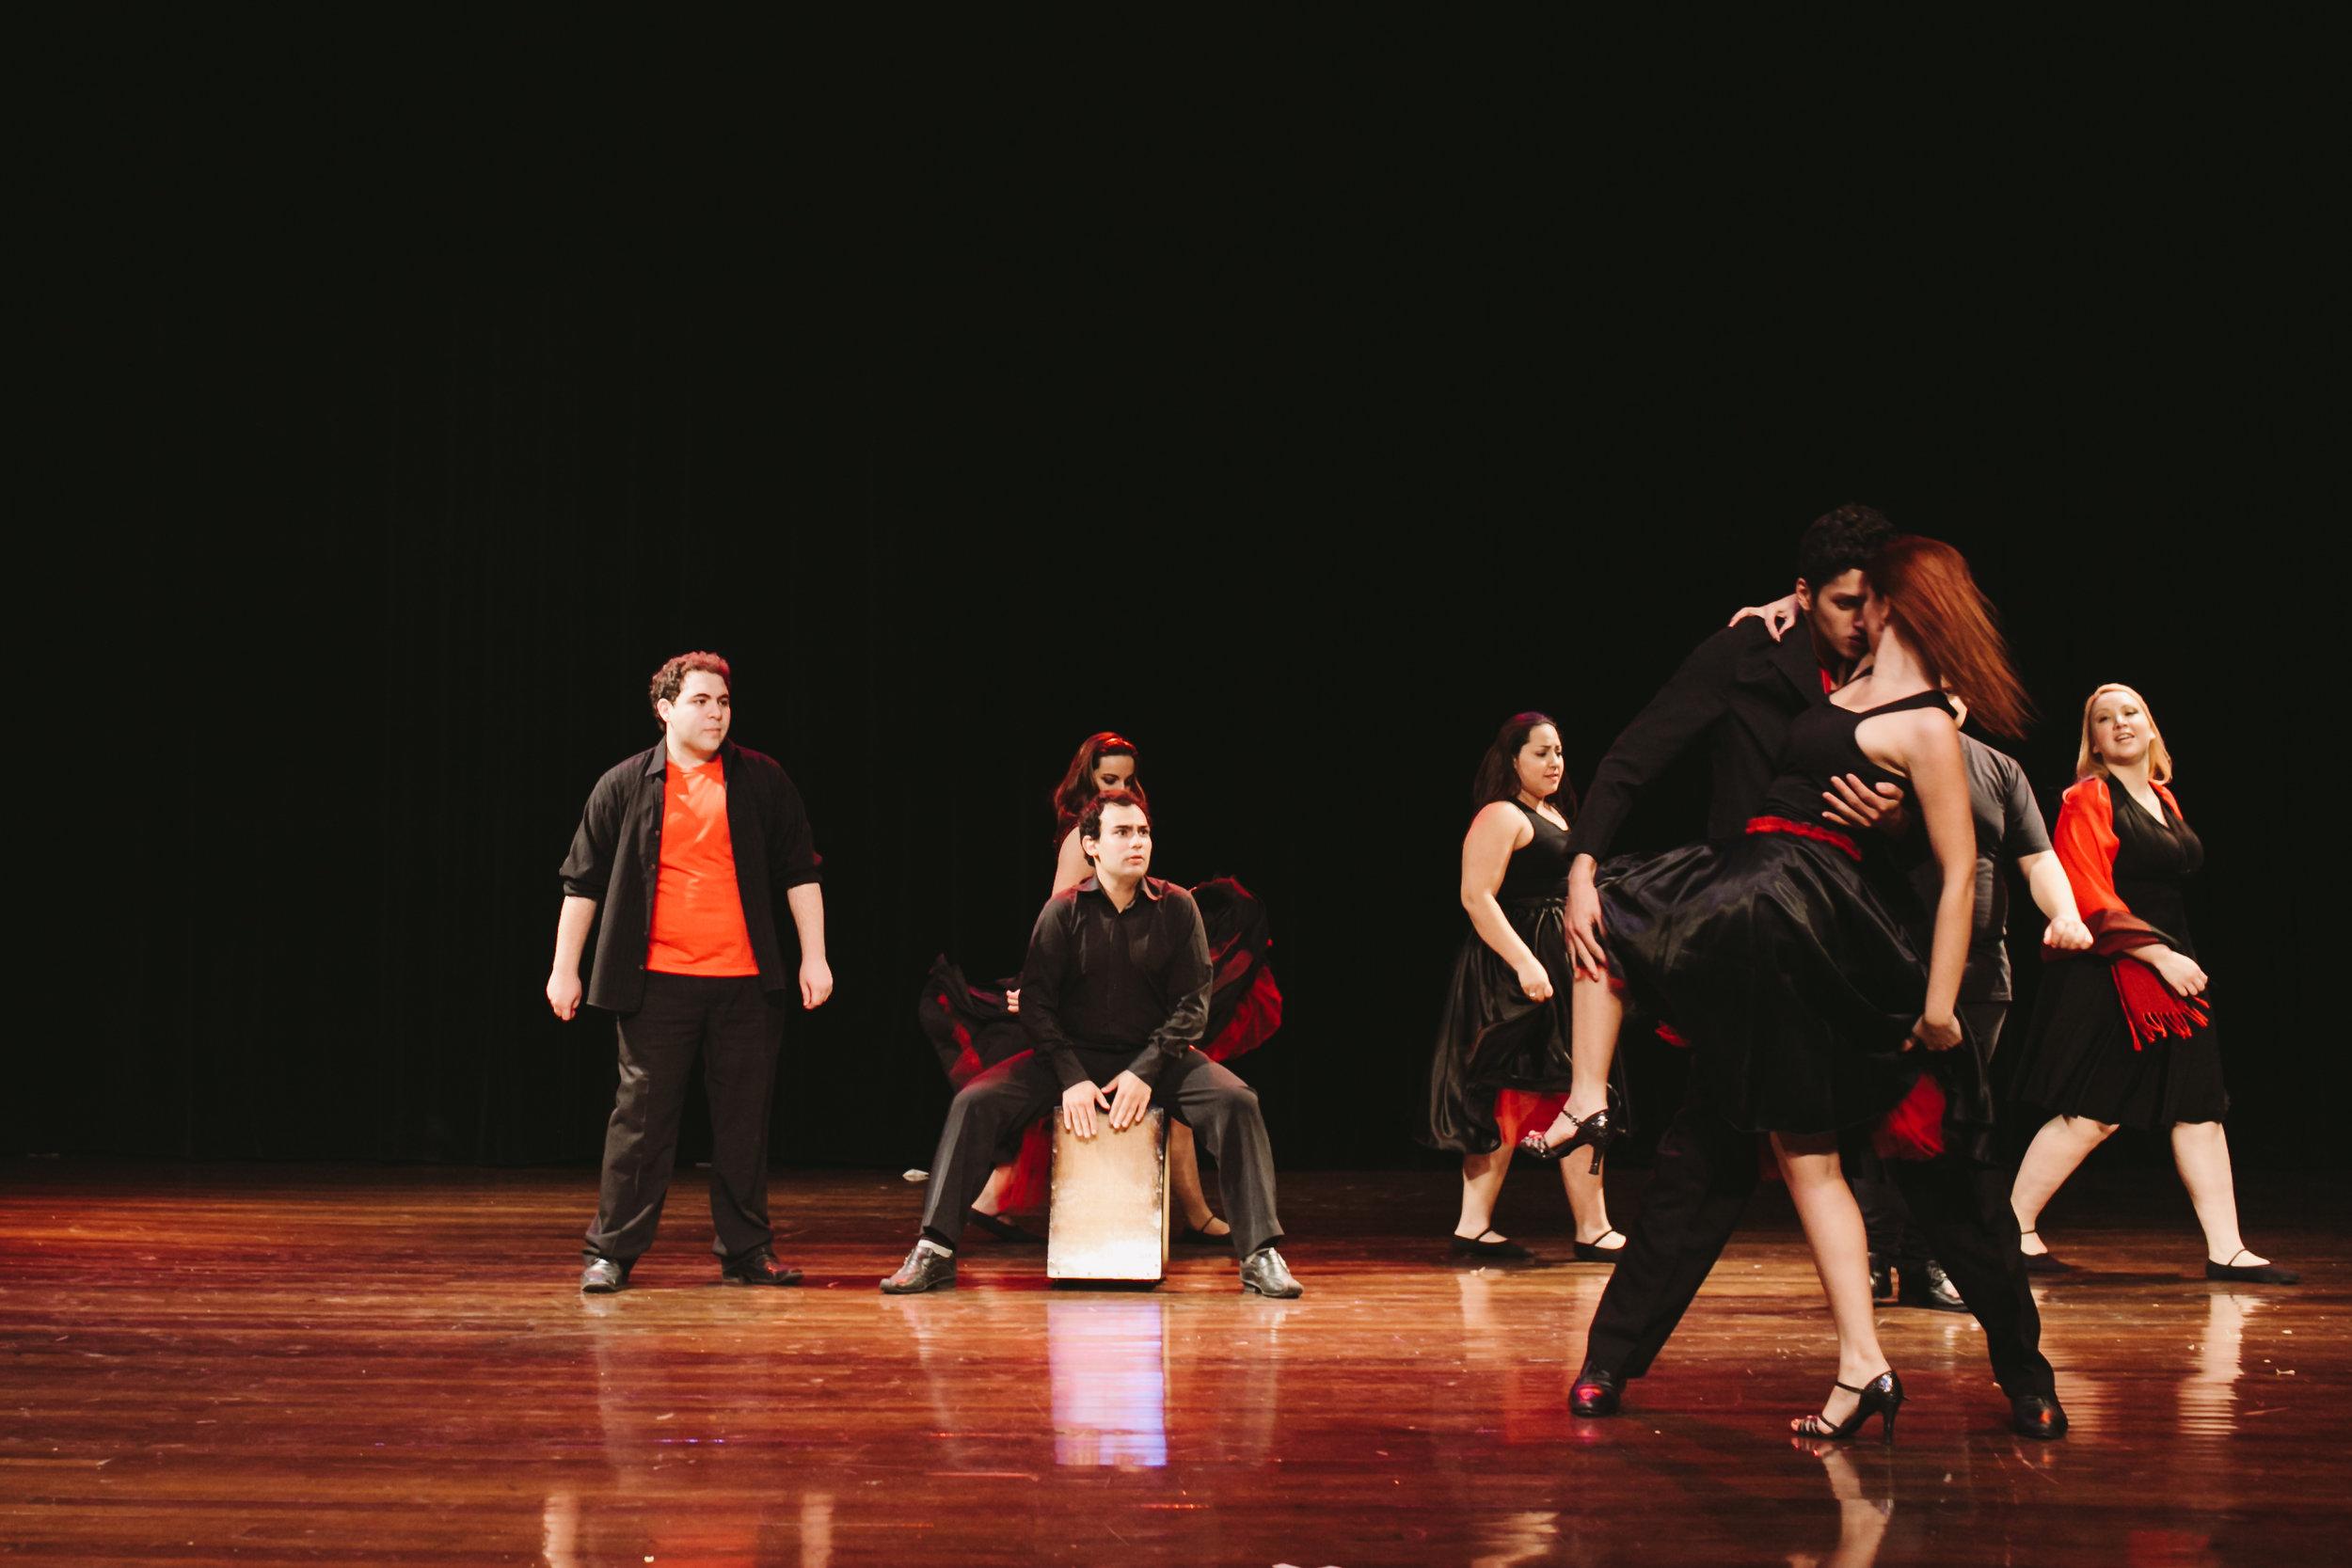 277_PRINT © Elisenda Llinares para Cia. de Teatro Musical Tatiana Gurgel.jpg